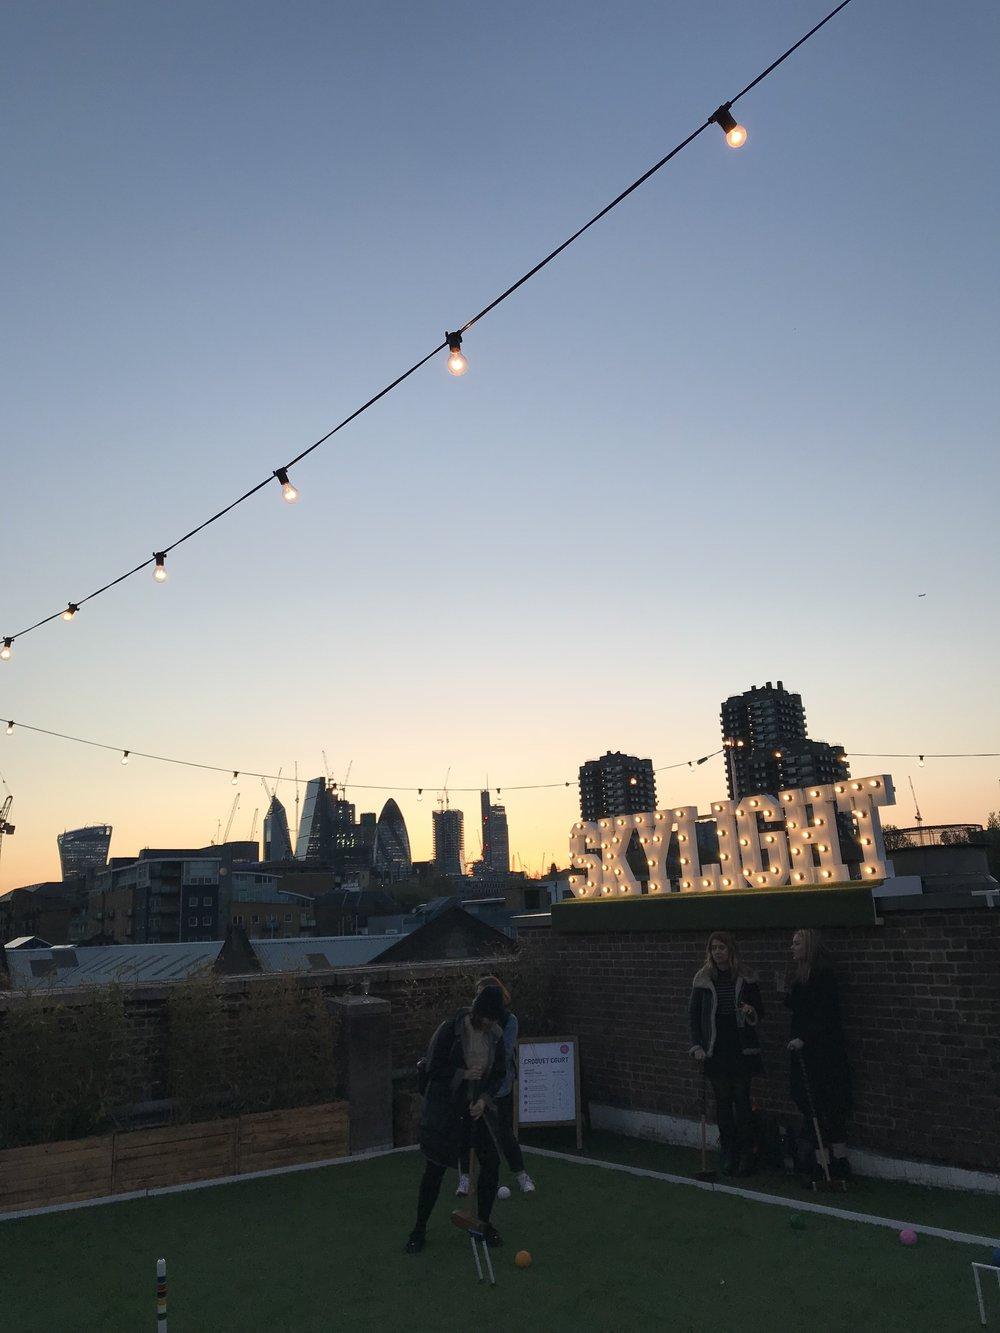 skylight-london-by-noelle